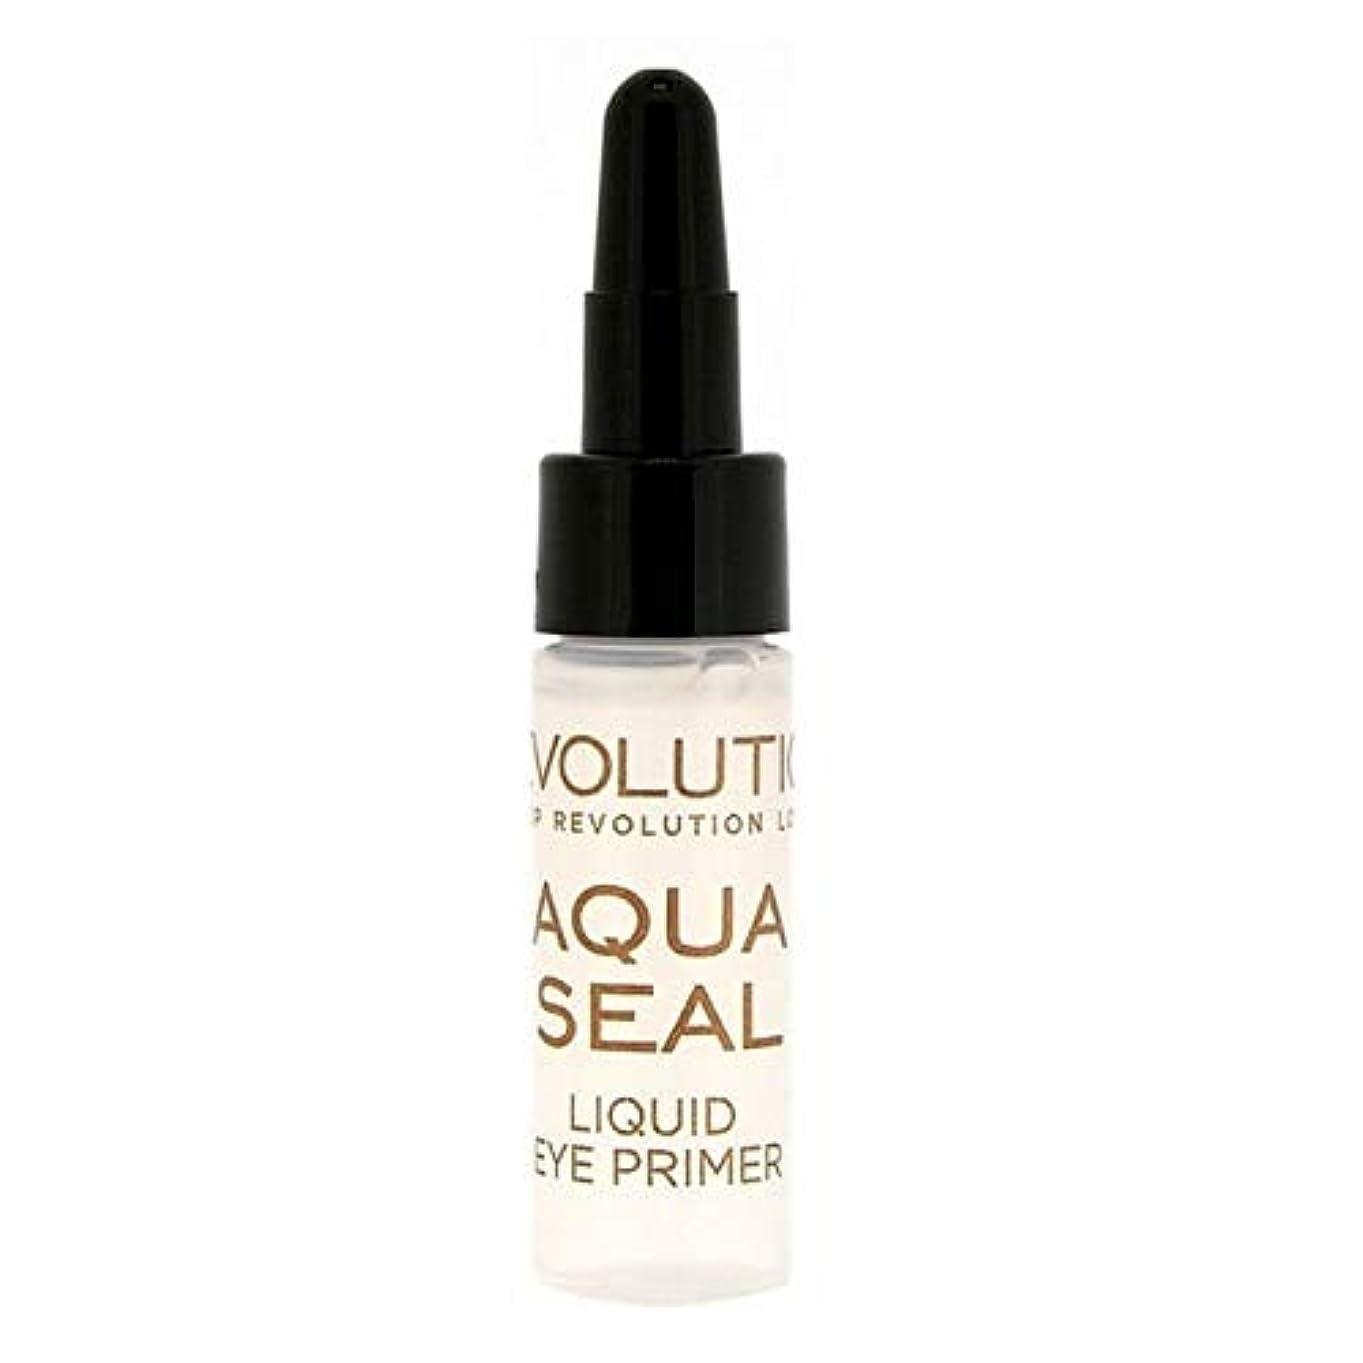 ミュウミュウアジア人始まり[Revolution ] 革命液体アクアシールアイシャドウプライマー9グラム - Revolution Liquid Aqua Seal Eyeshadow Primer 9g [並行輸入品]